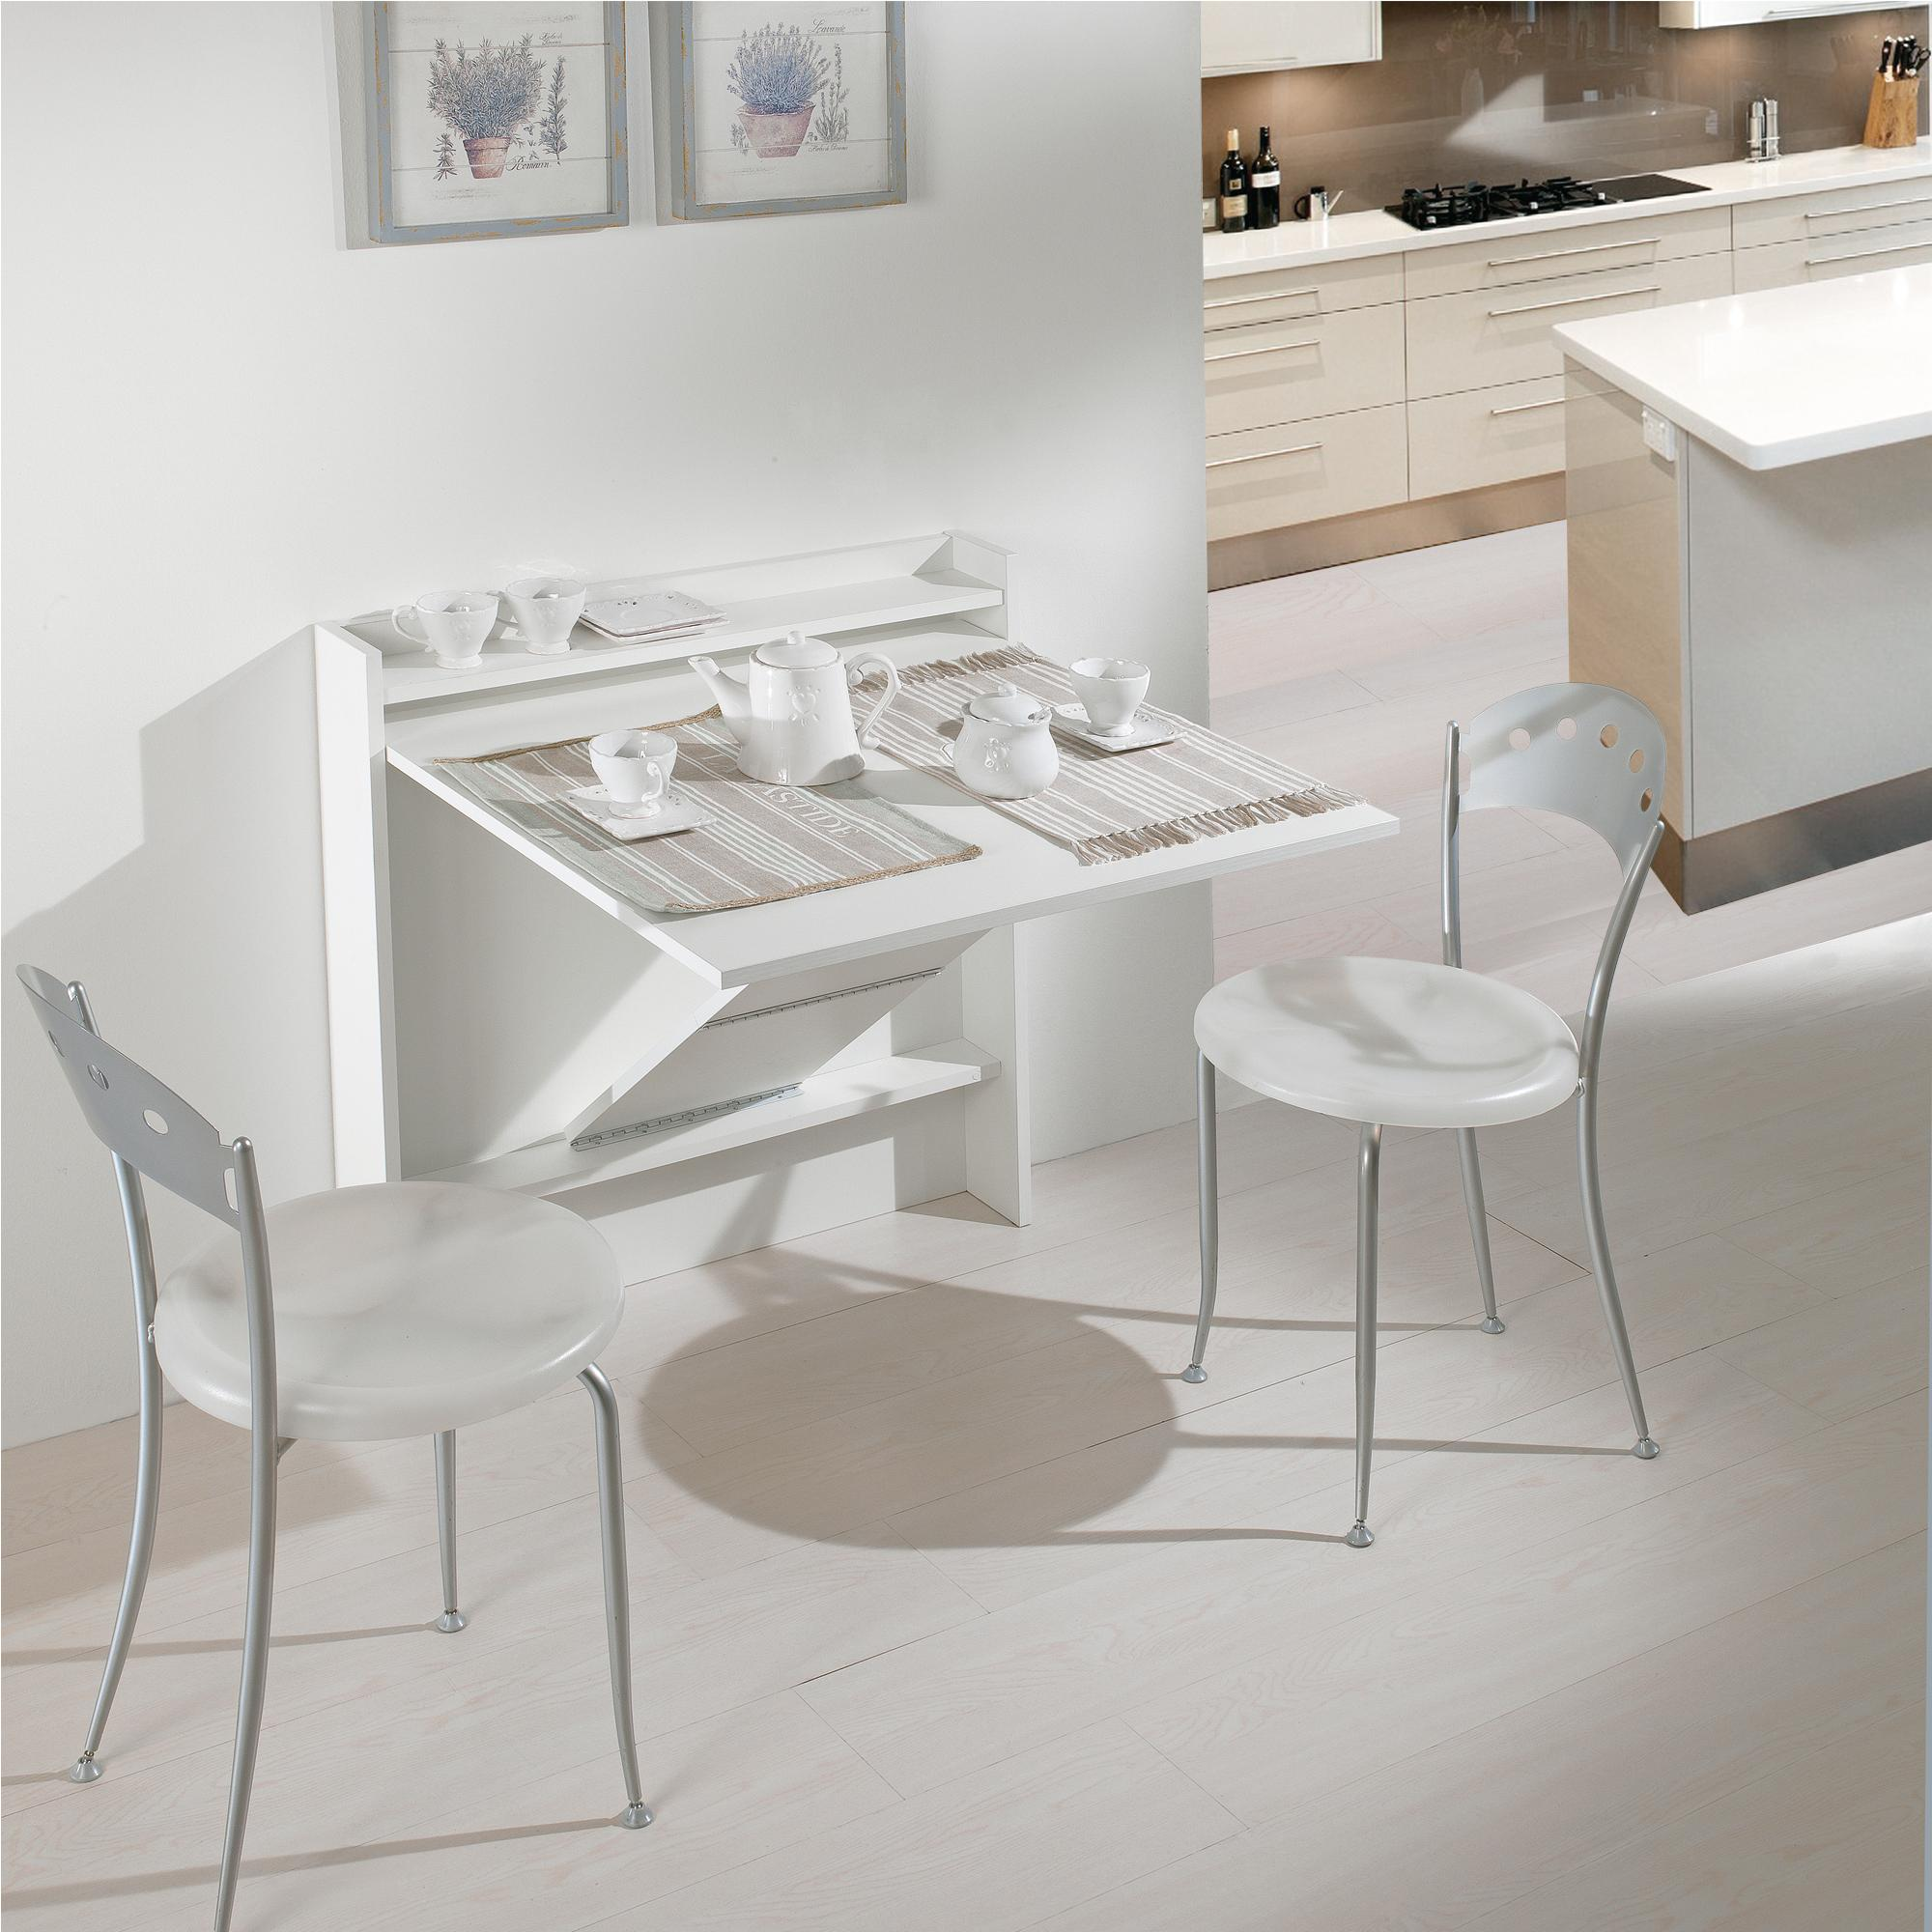 Consolle apribile trasformabile in tavolo scrivania living for Tavolo apribile